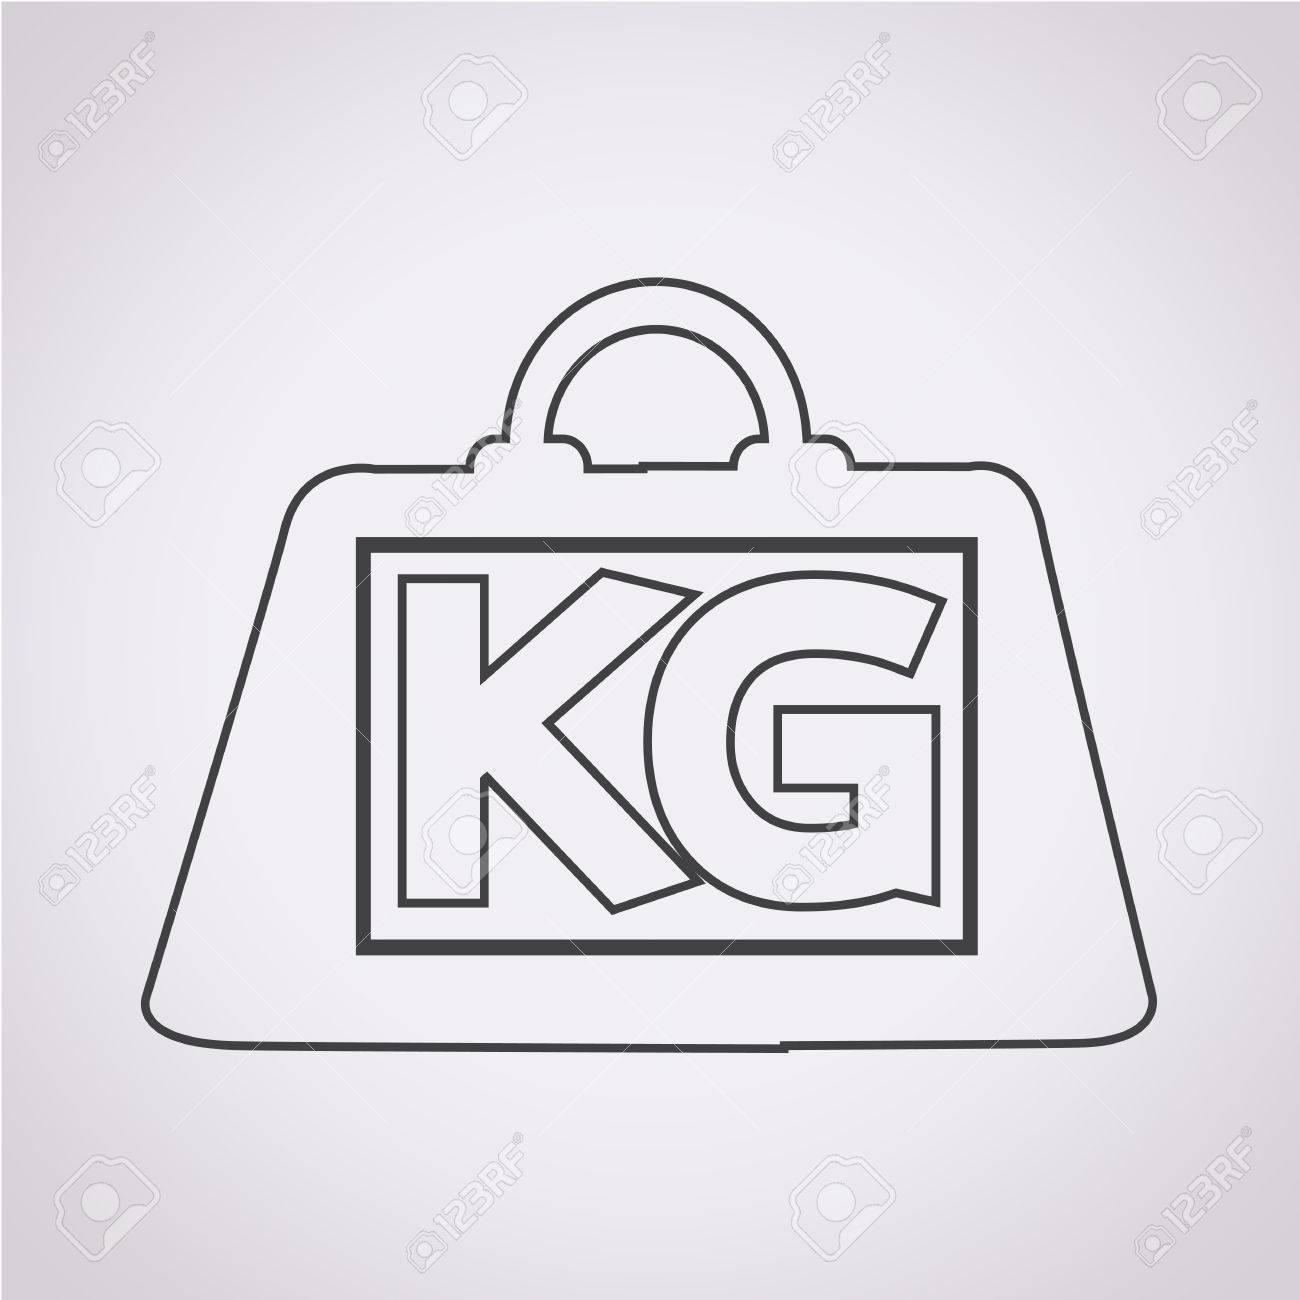 重量キログラム アイコンのイラスト素材・ベクタ - Image 38102312.